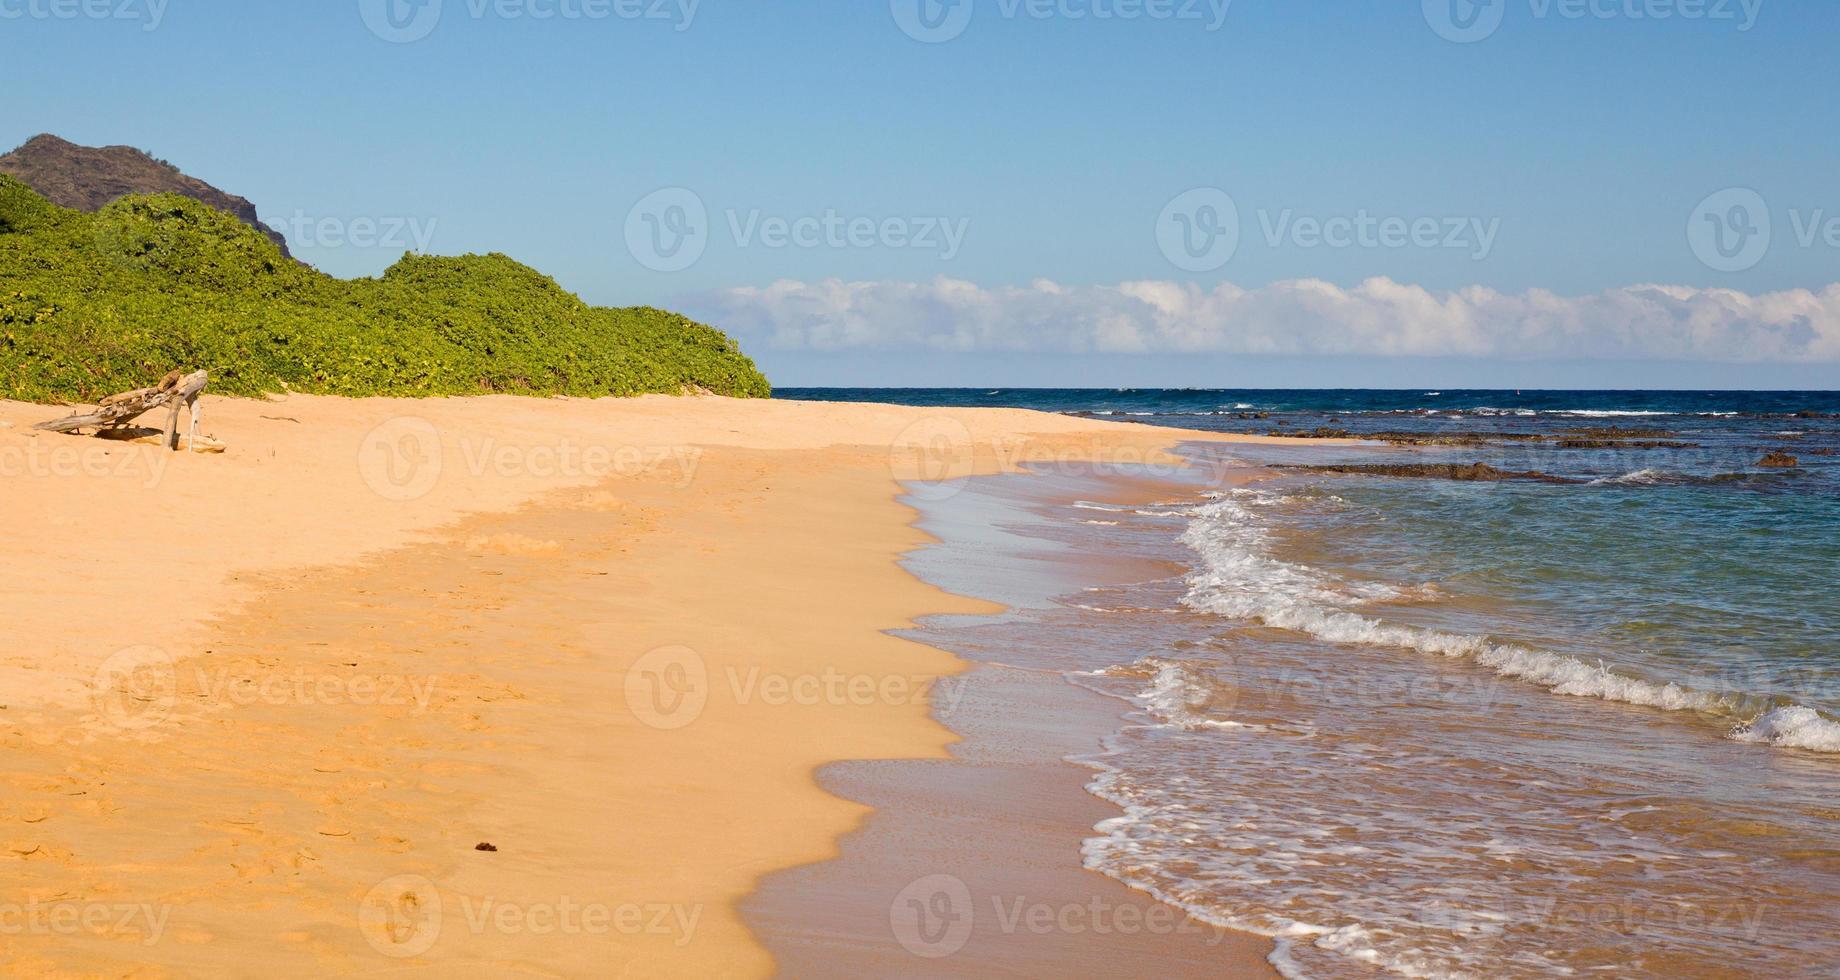 maha'ulepu strand i kauai foto